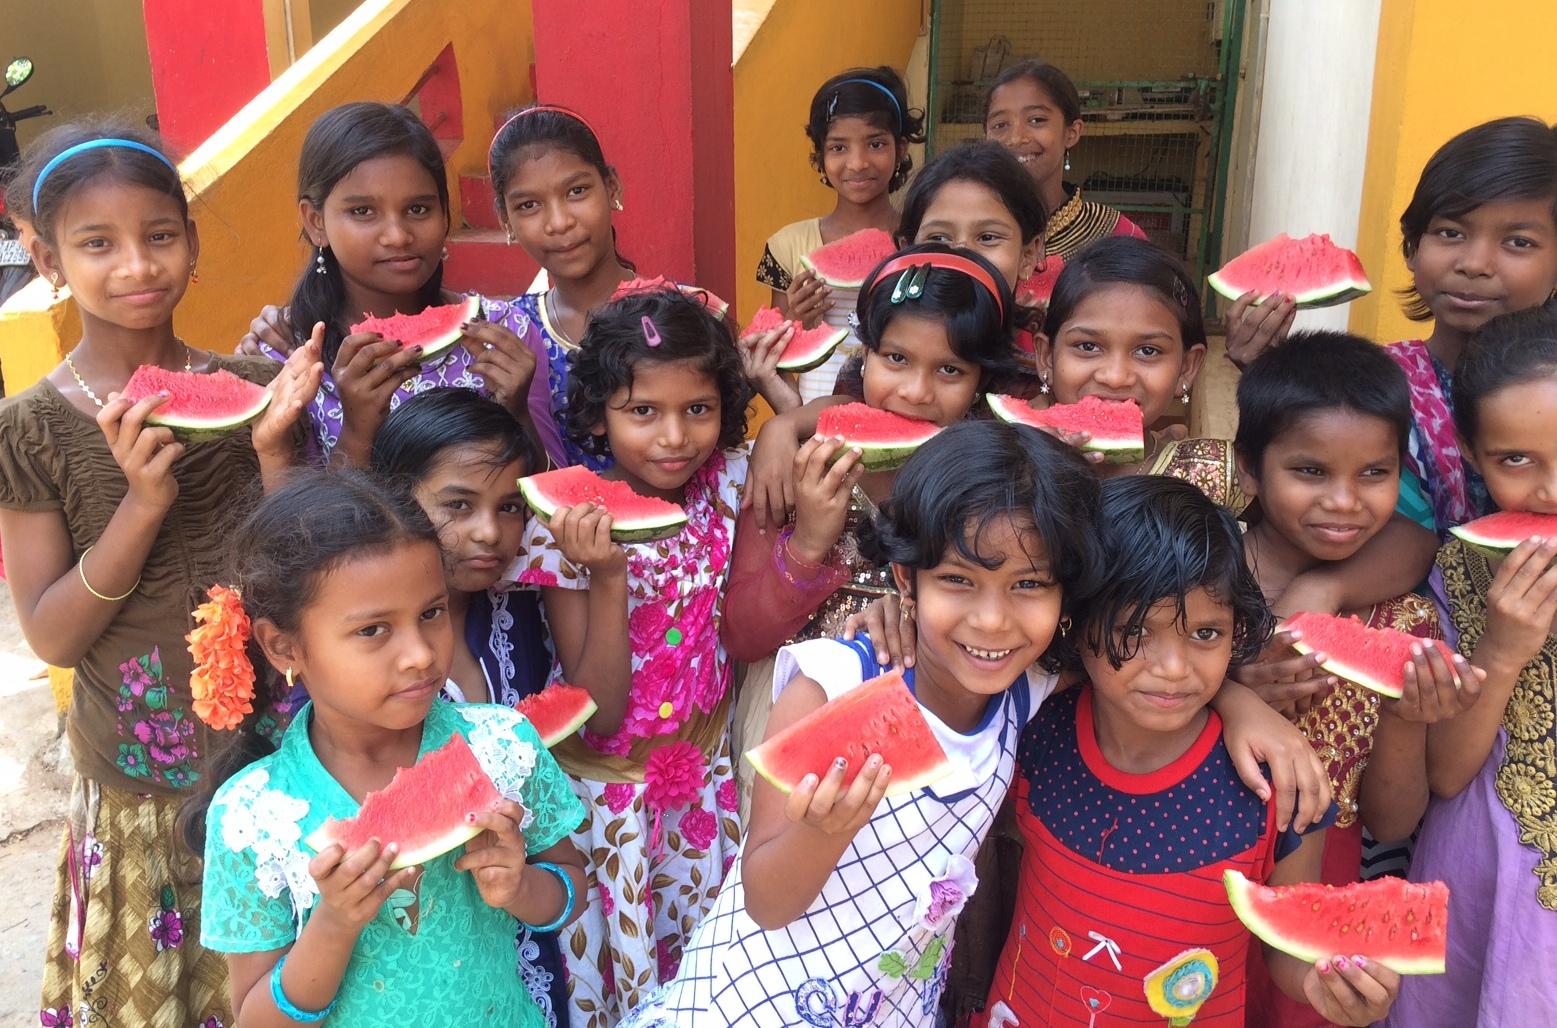 Kinder in einem unserer Kinderheime in Indien, die durch eine Patenschaft unterstützt werden und die Möglichkeit bekommen, eine Schule zu besuchen.